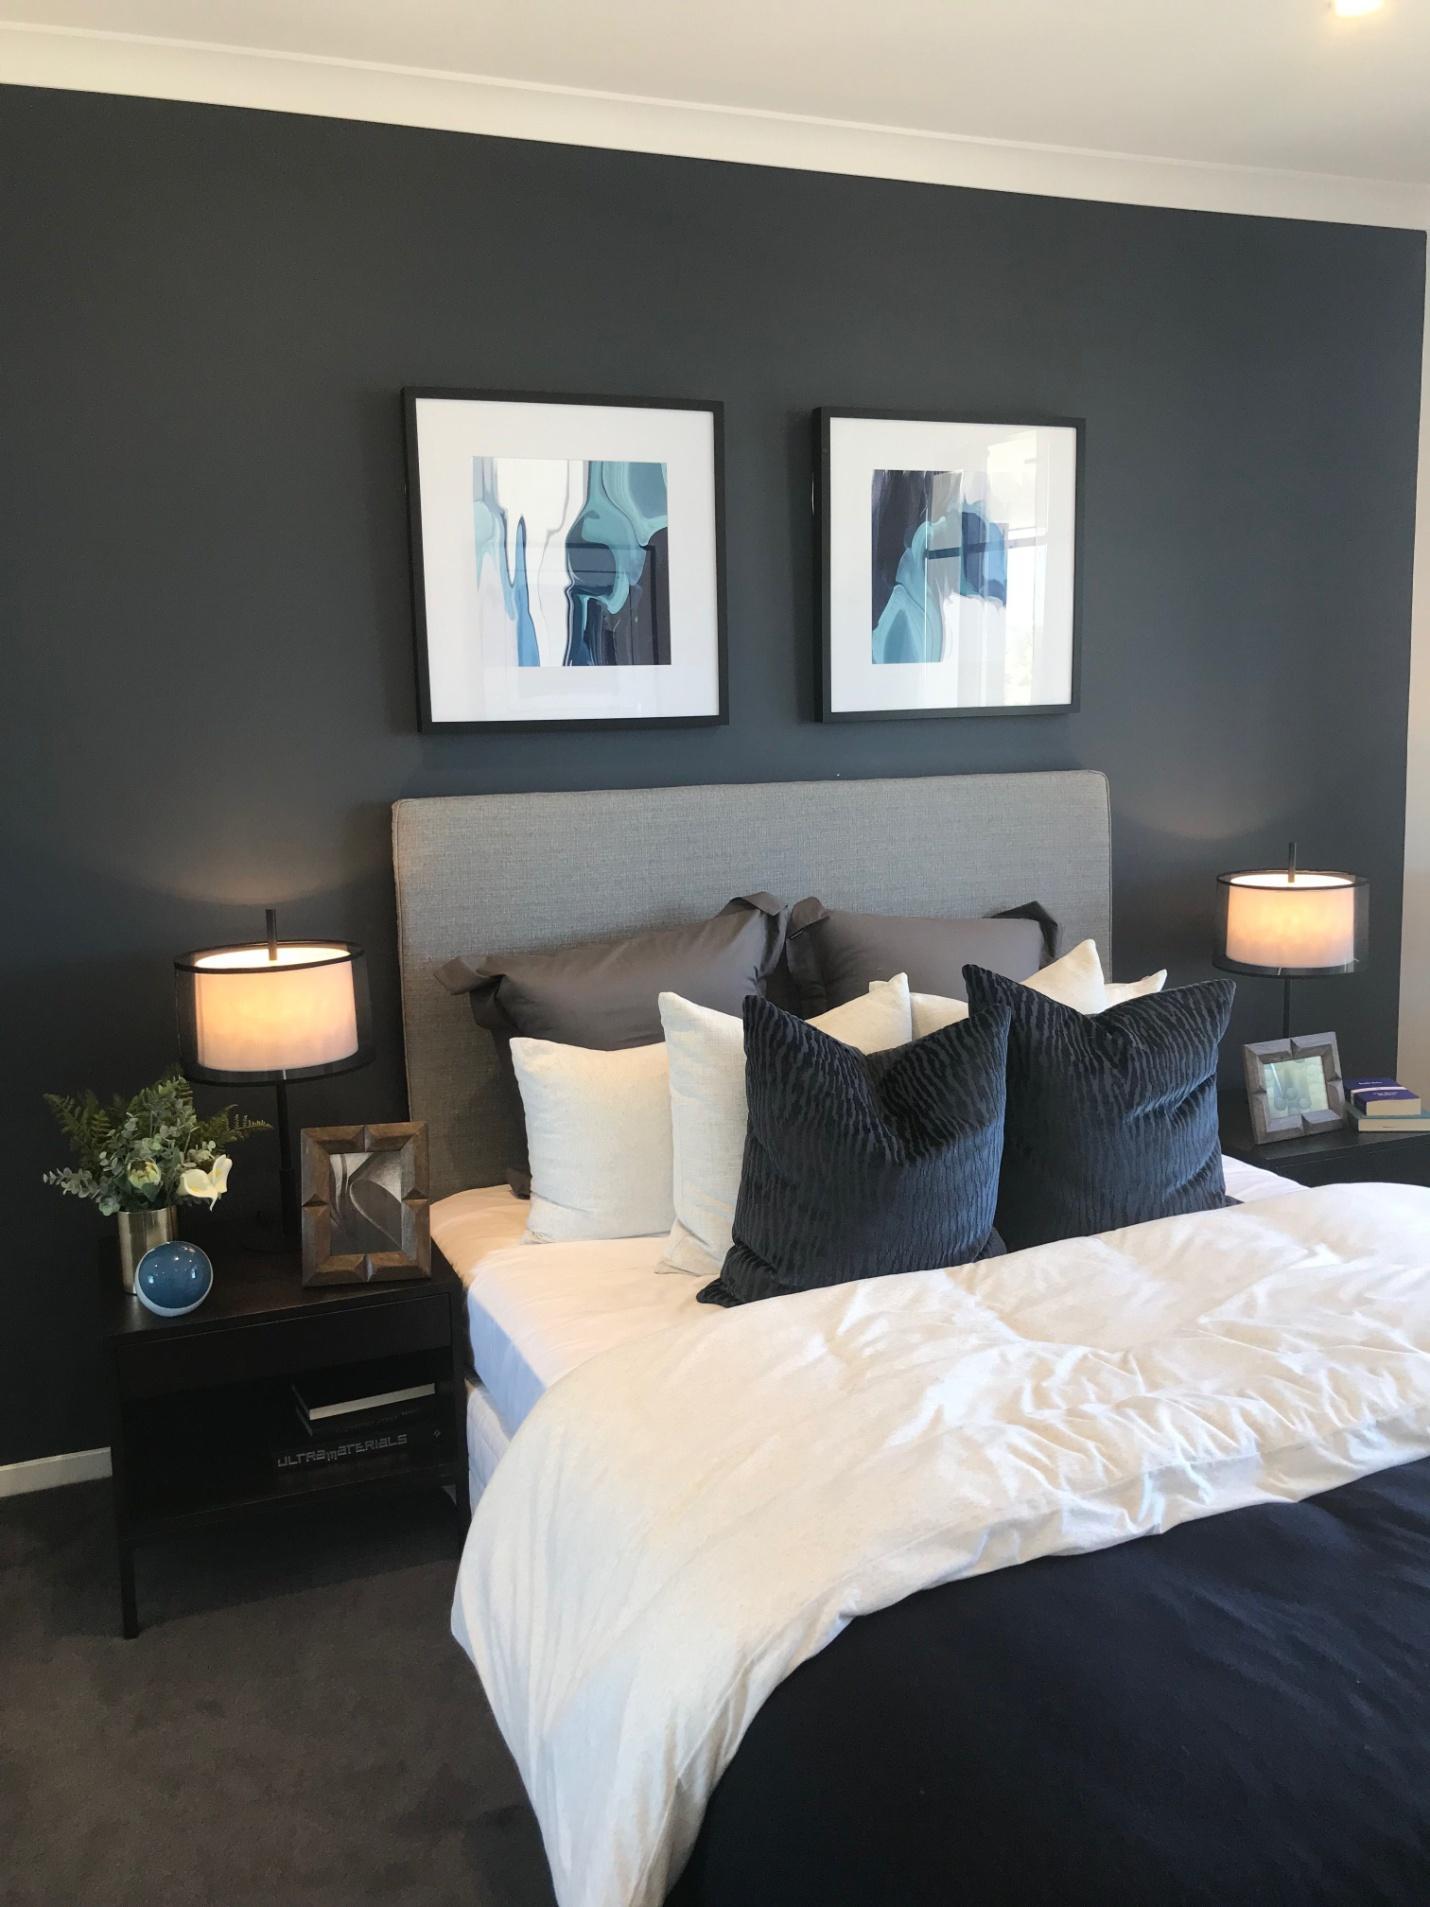 Image result for Subtle artwork::blue grey bedroom pinterest